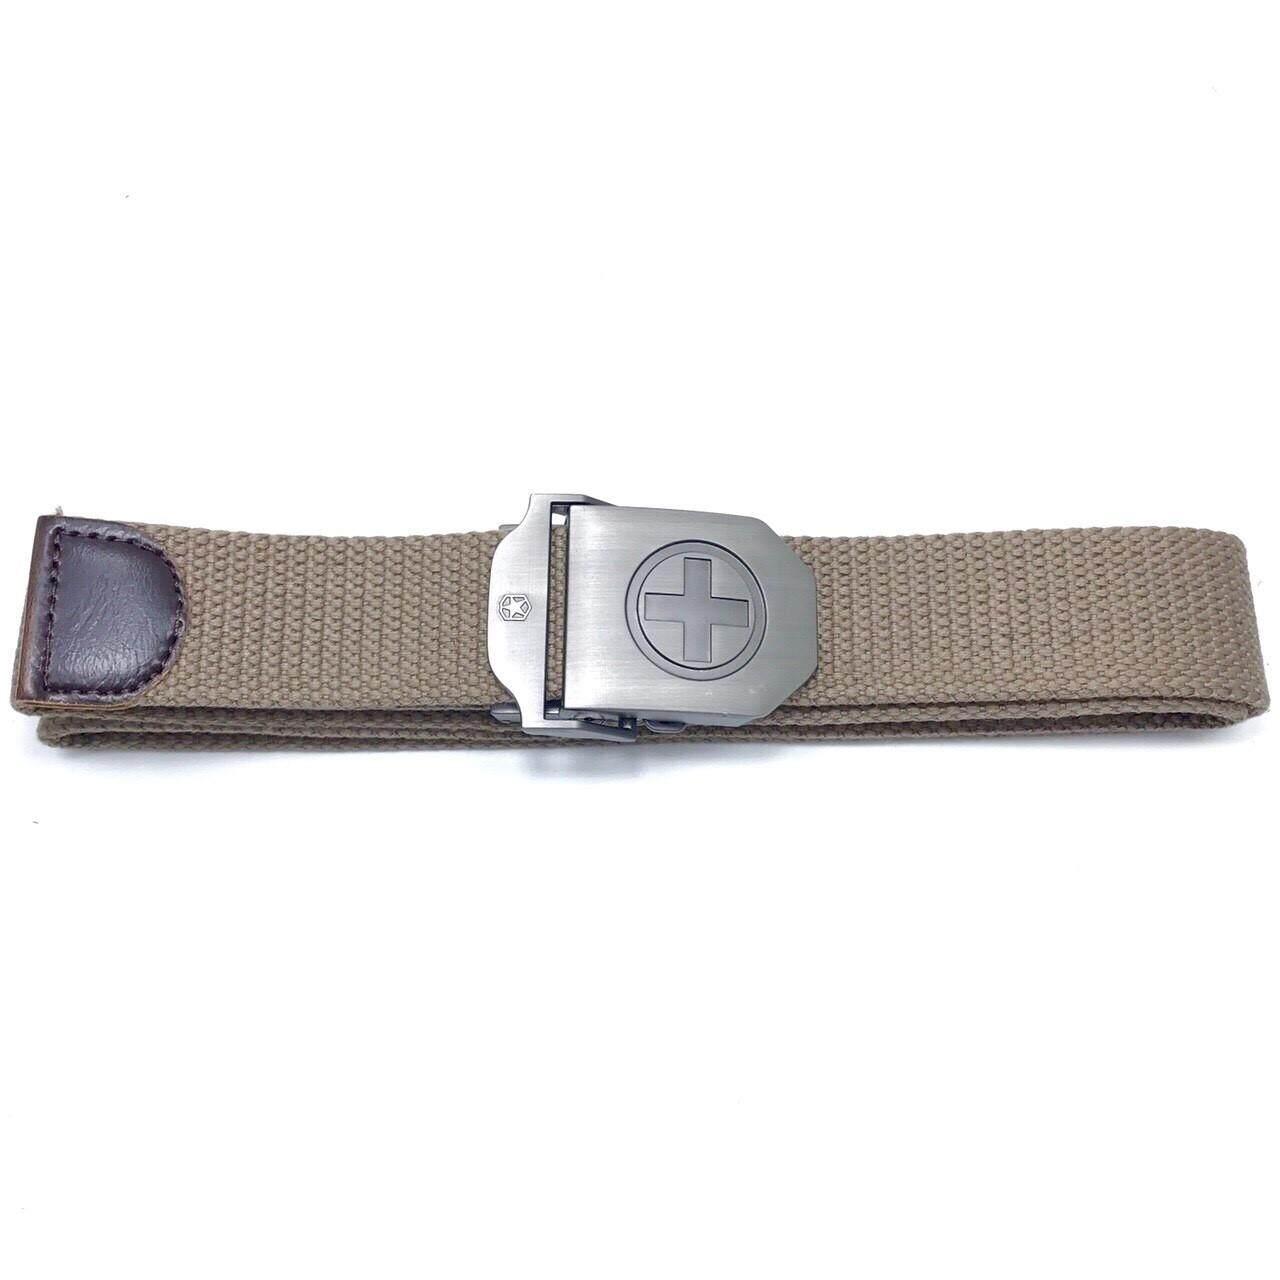 ขาย ซื้อ Chinatown Leather เข็มขัดผ้า Tough บวก สีน้ำตาลอ่อน ใน กรุงเทพมหานคร